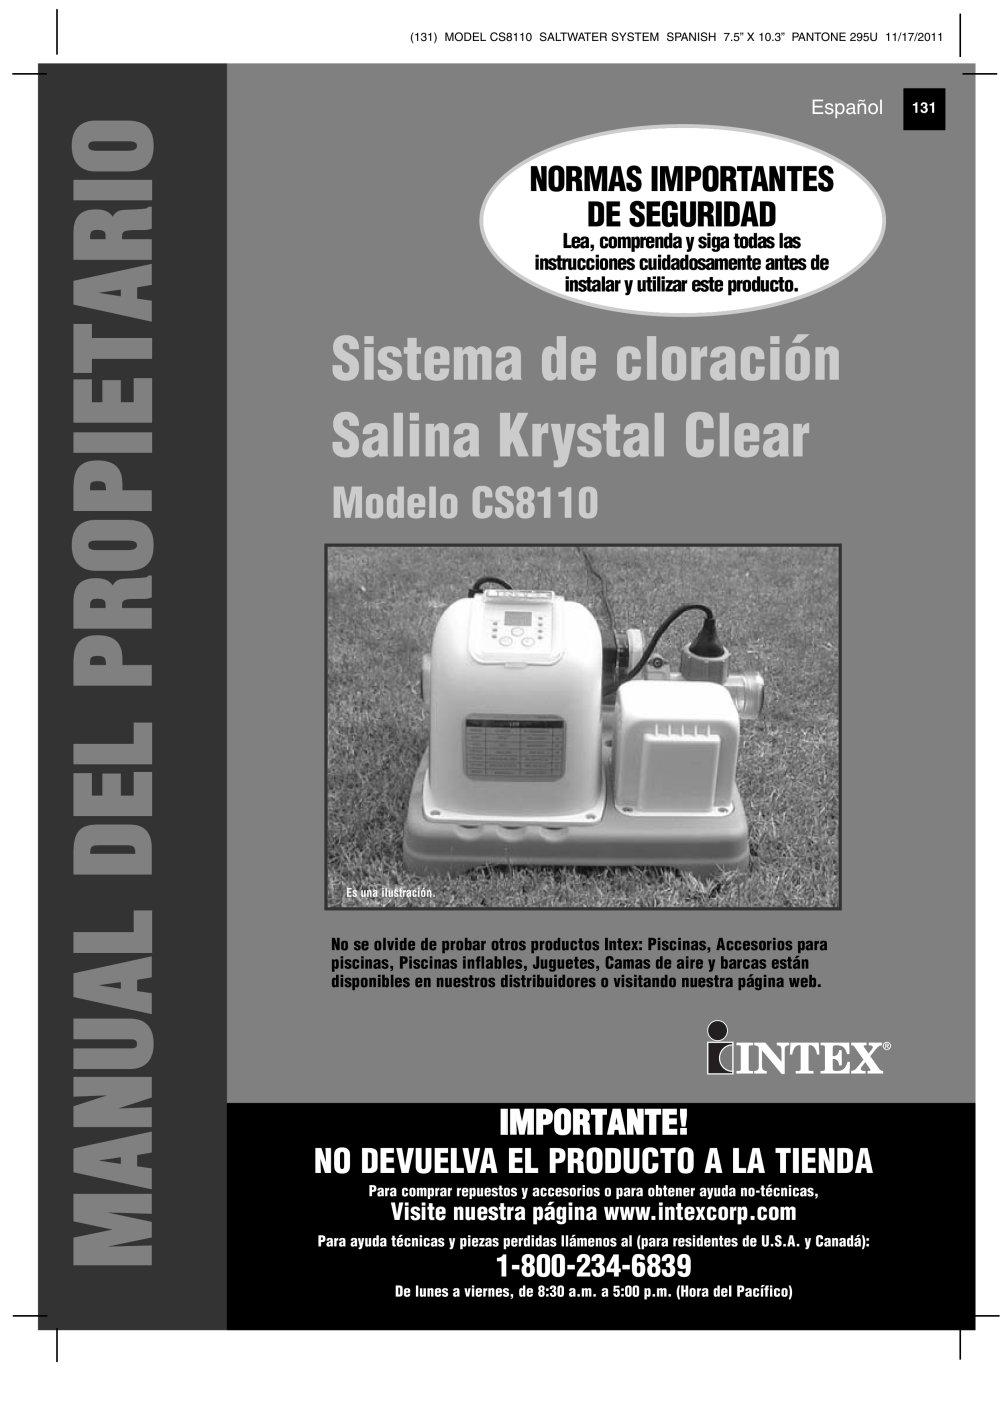 Sistema de cloración Salina Krystal Clear Modelo CS8110 - INTEX ...